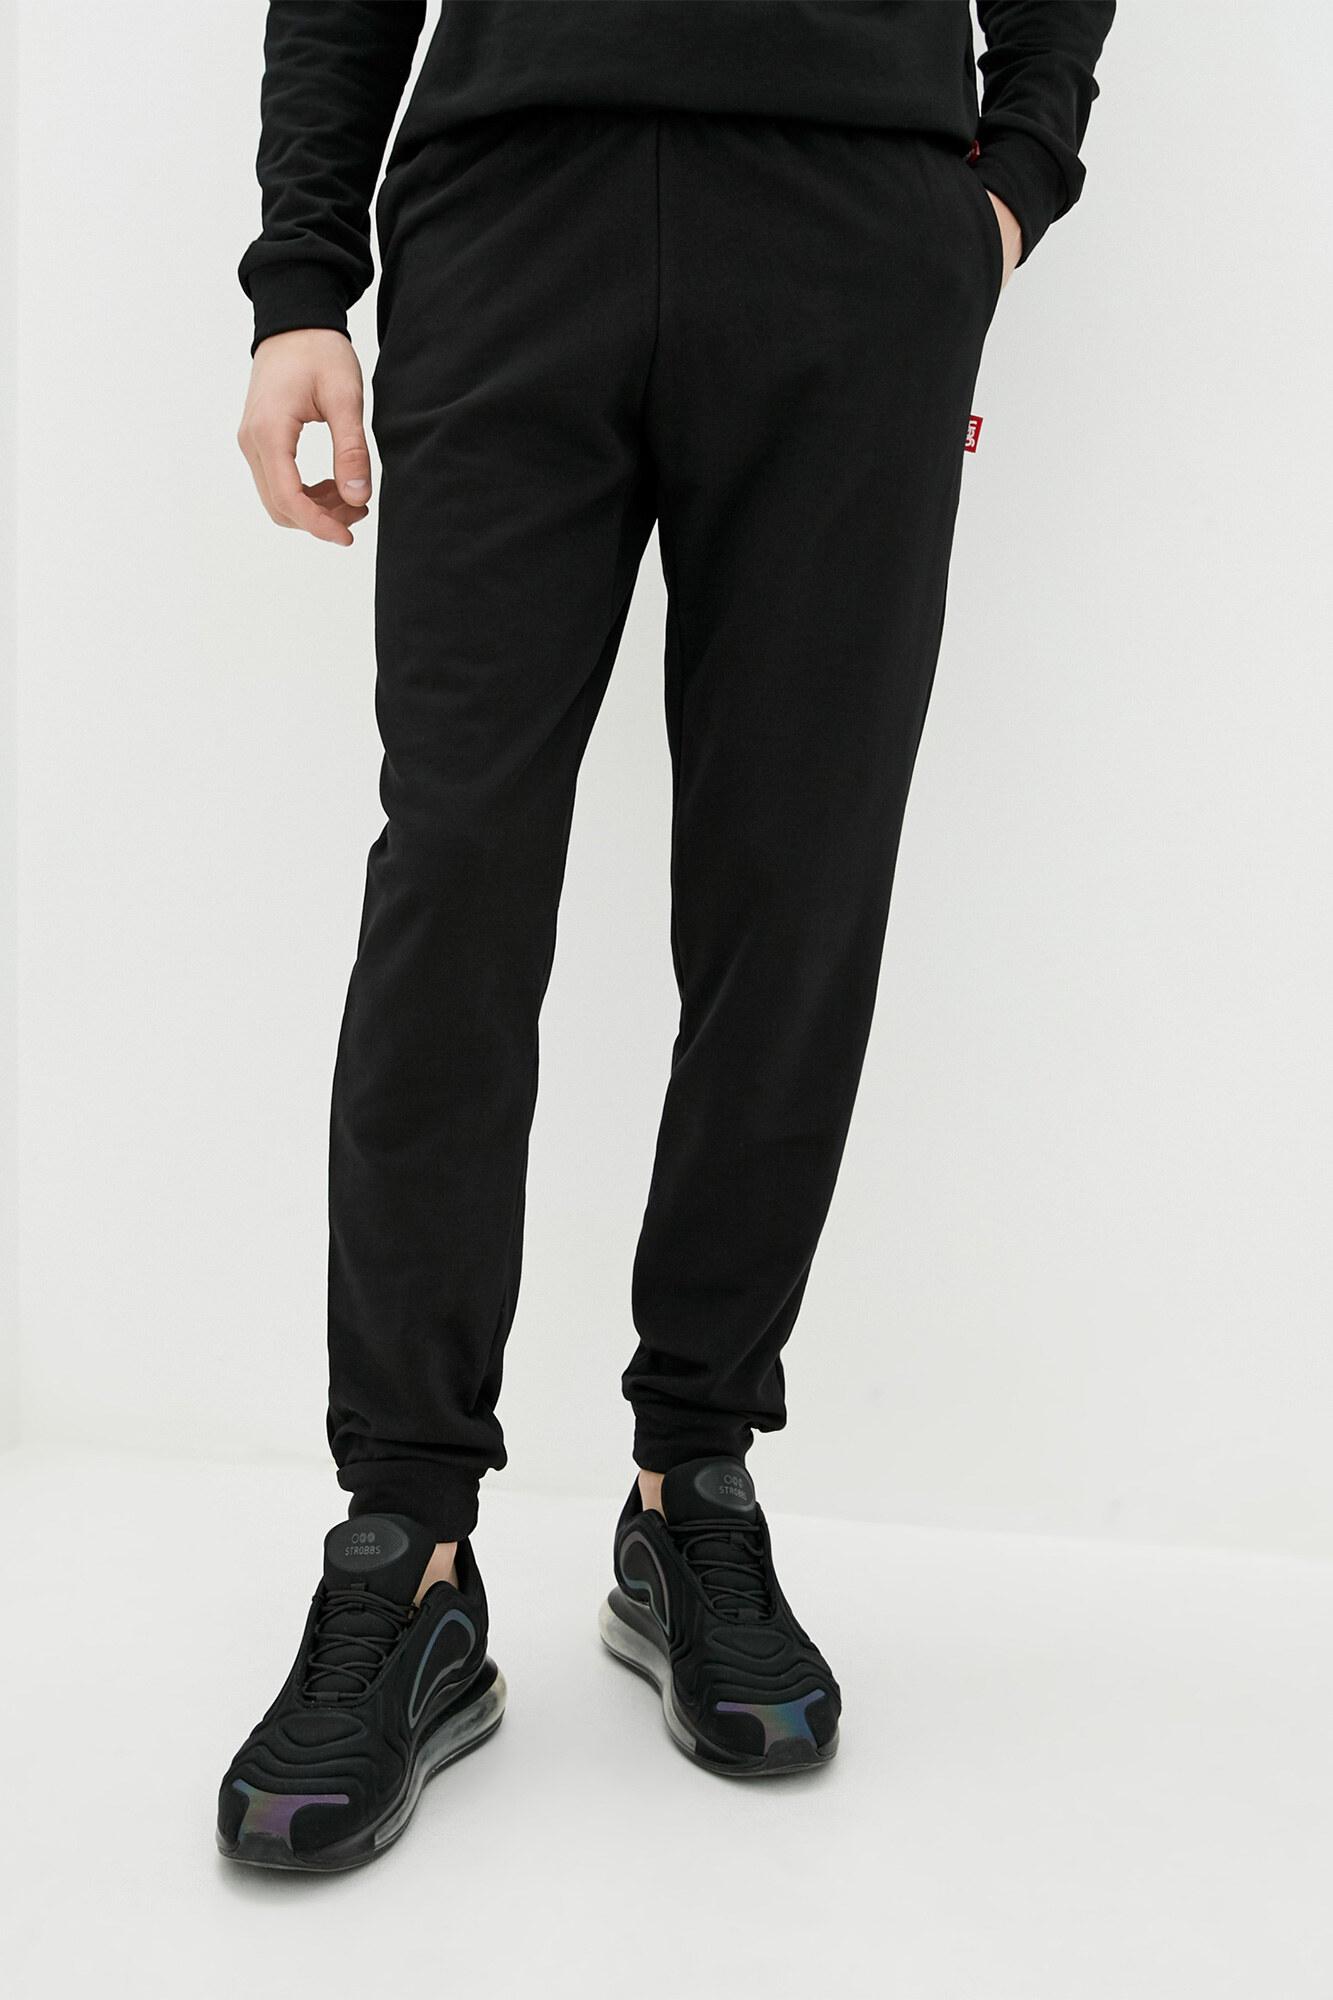 Черные трикотажные штаны в спортивном стиле с манжетами GEN